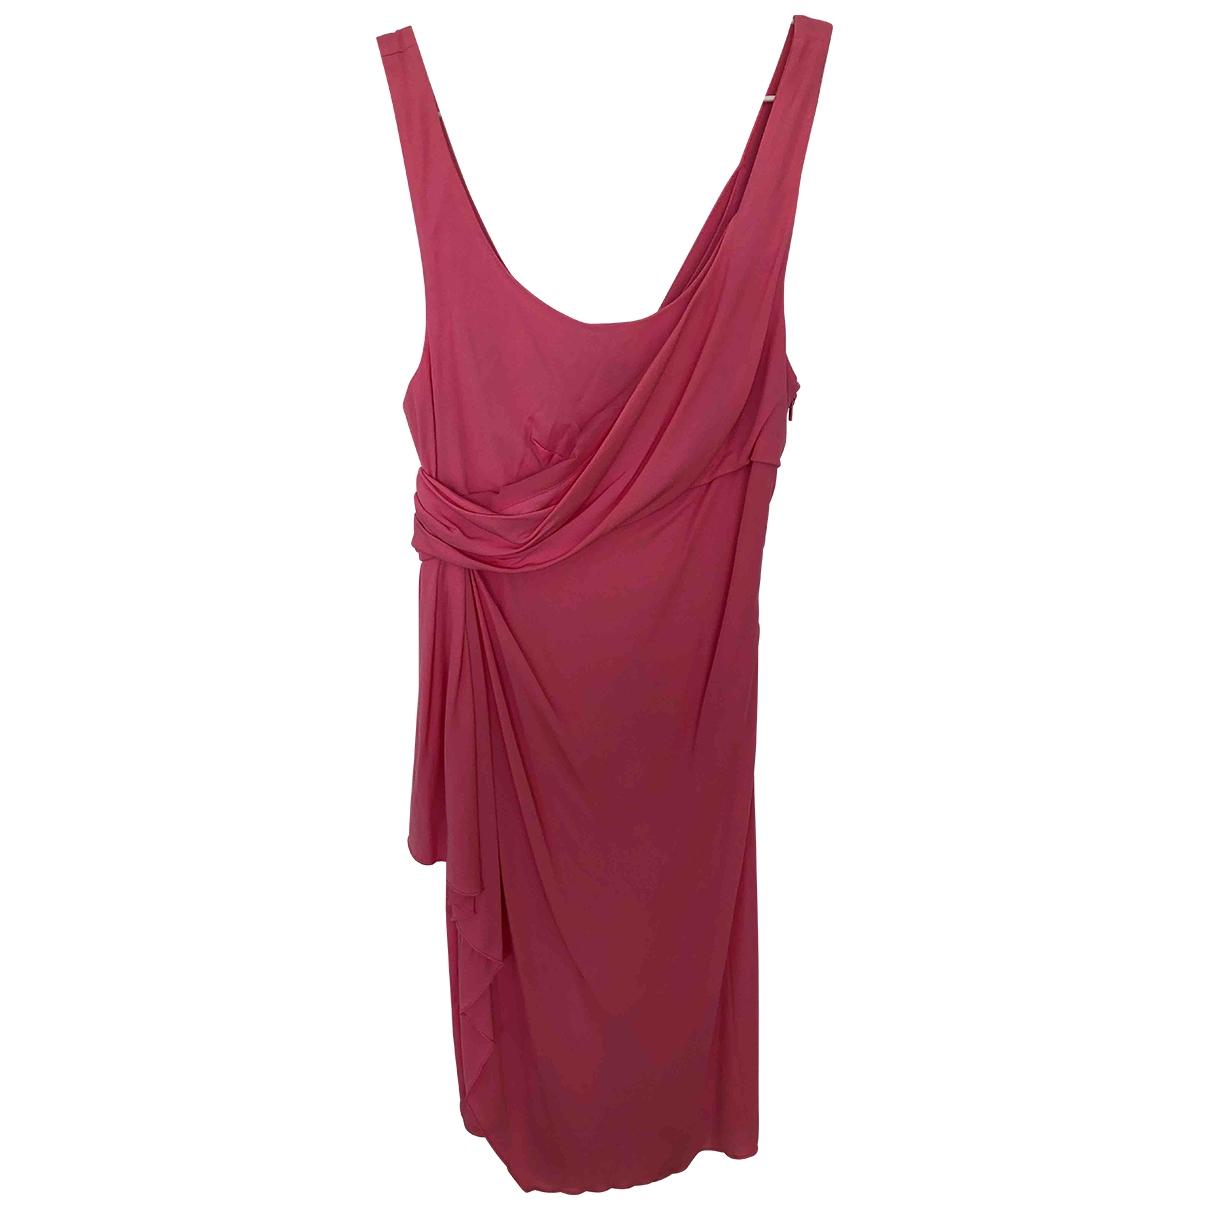 Versace X H&m - Robe   pour femme - rose